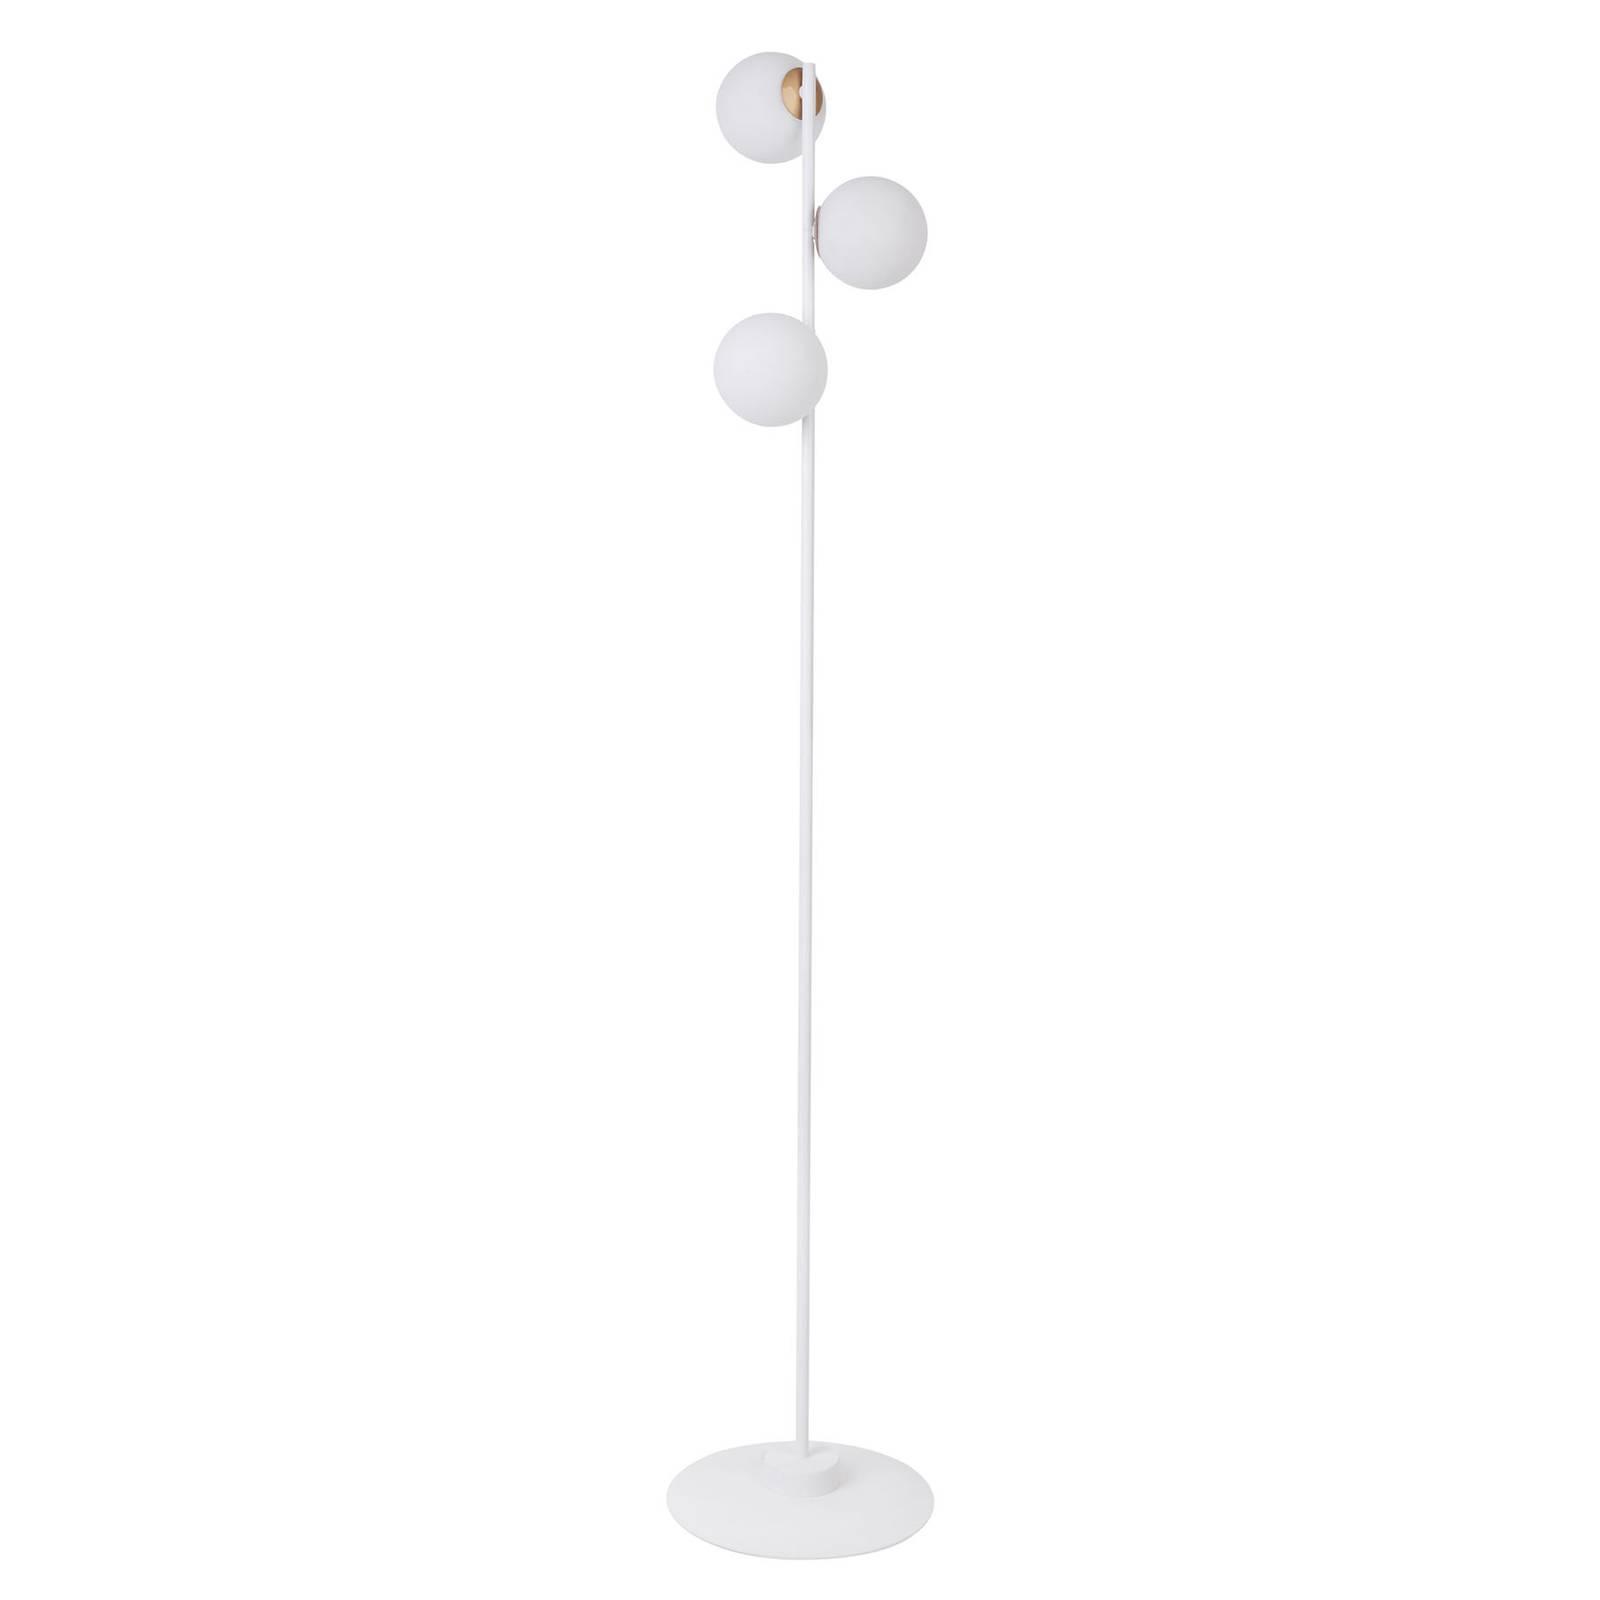 Lattiavalaisin Gama 3, valkoinen, kolme lasipalloa